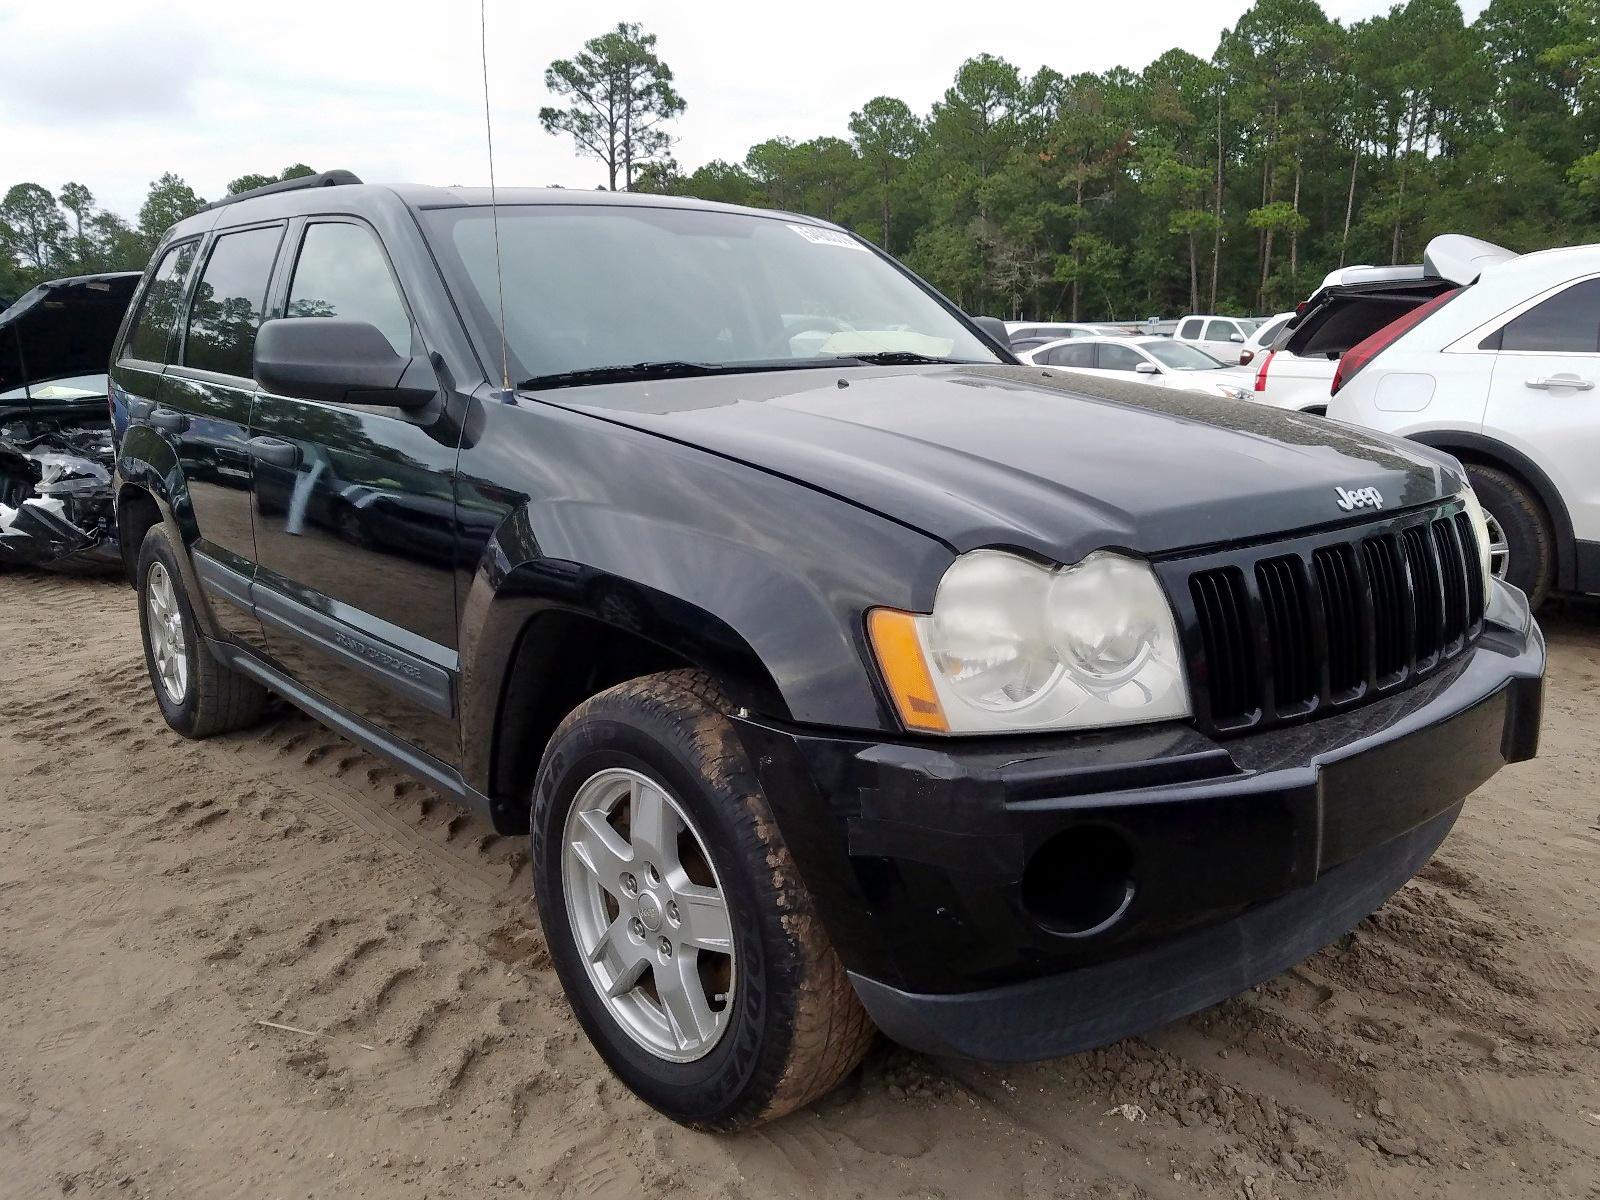 1J4GS48KX6C112697 - 2006 Jeep Grand Cher 3.7L Left View